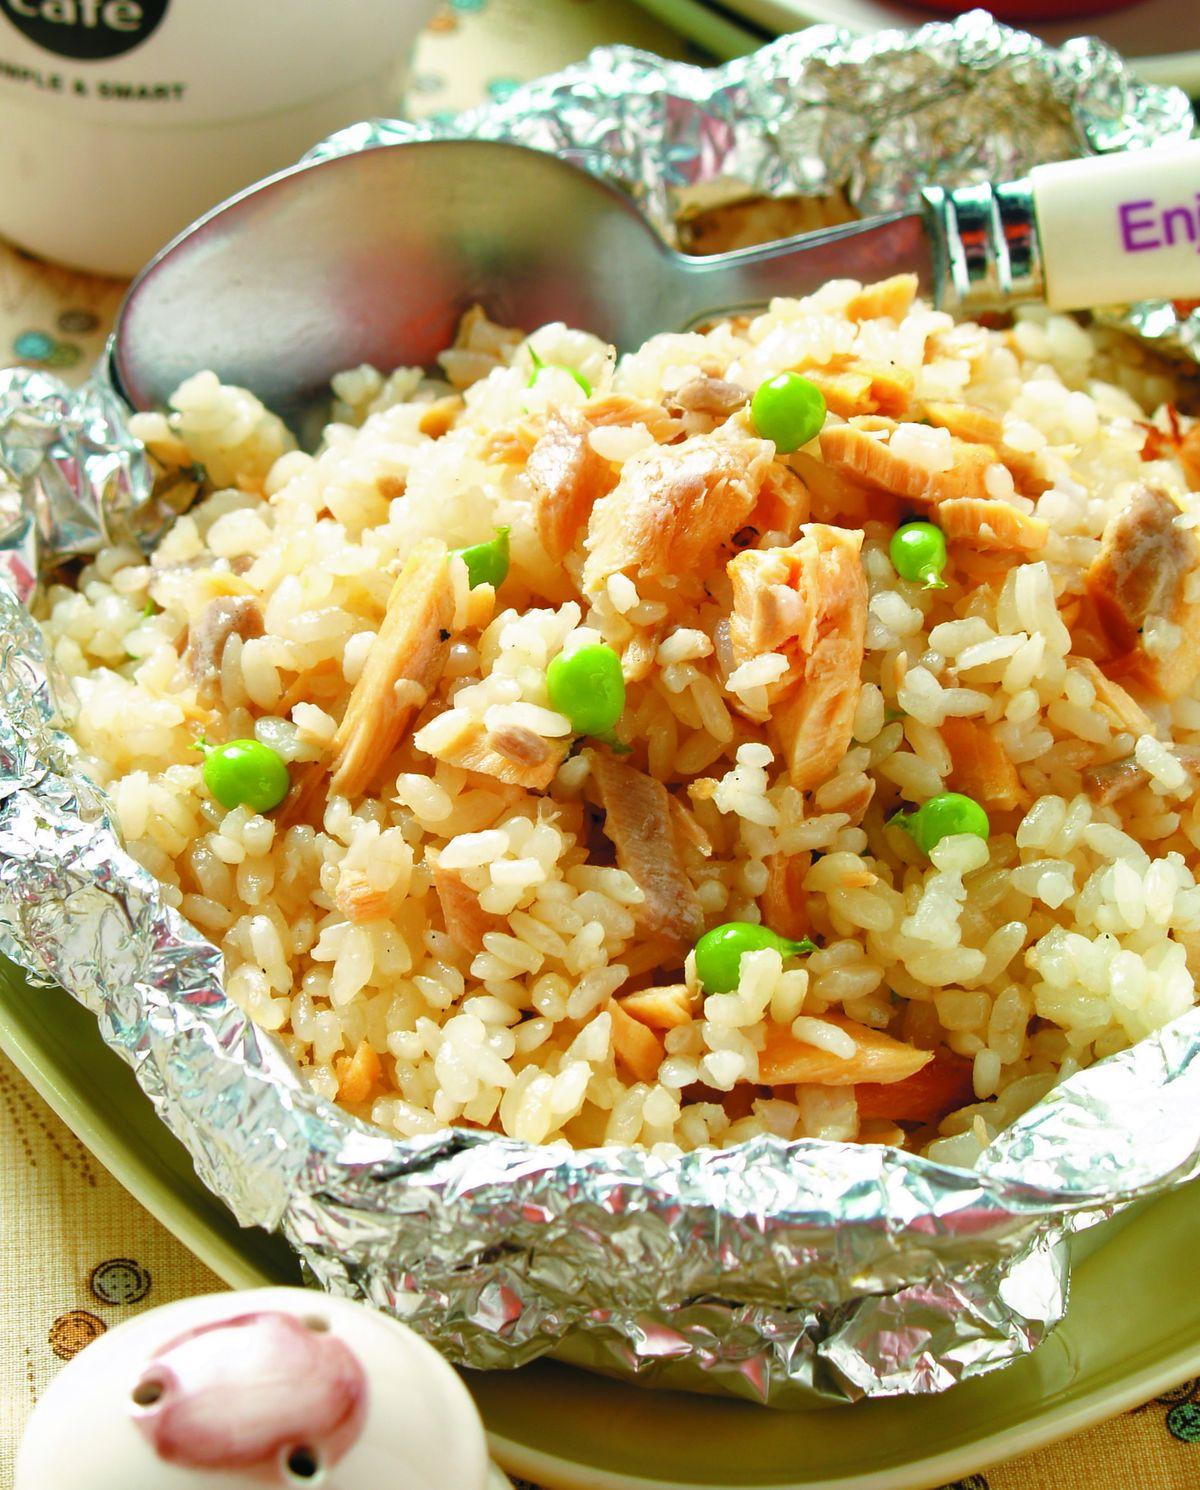 食譜:鋁燒-鮭魚美乃燒飯